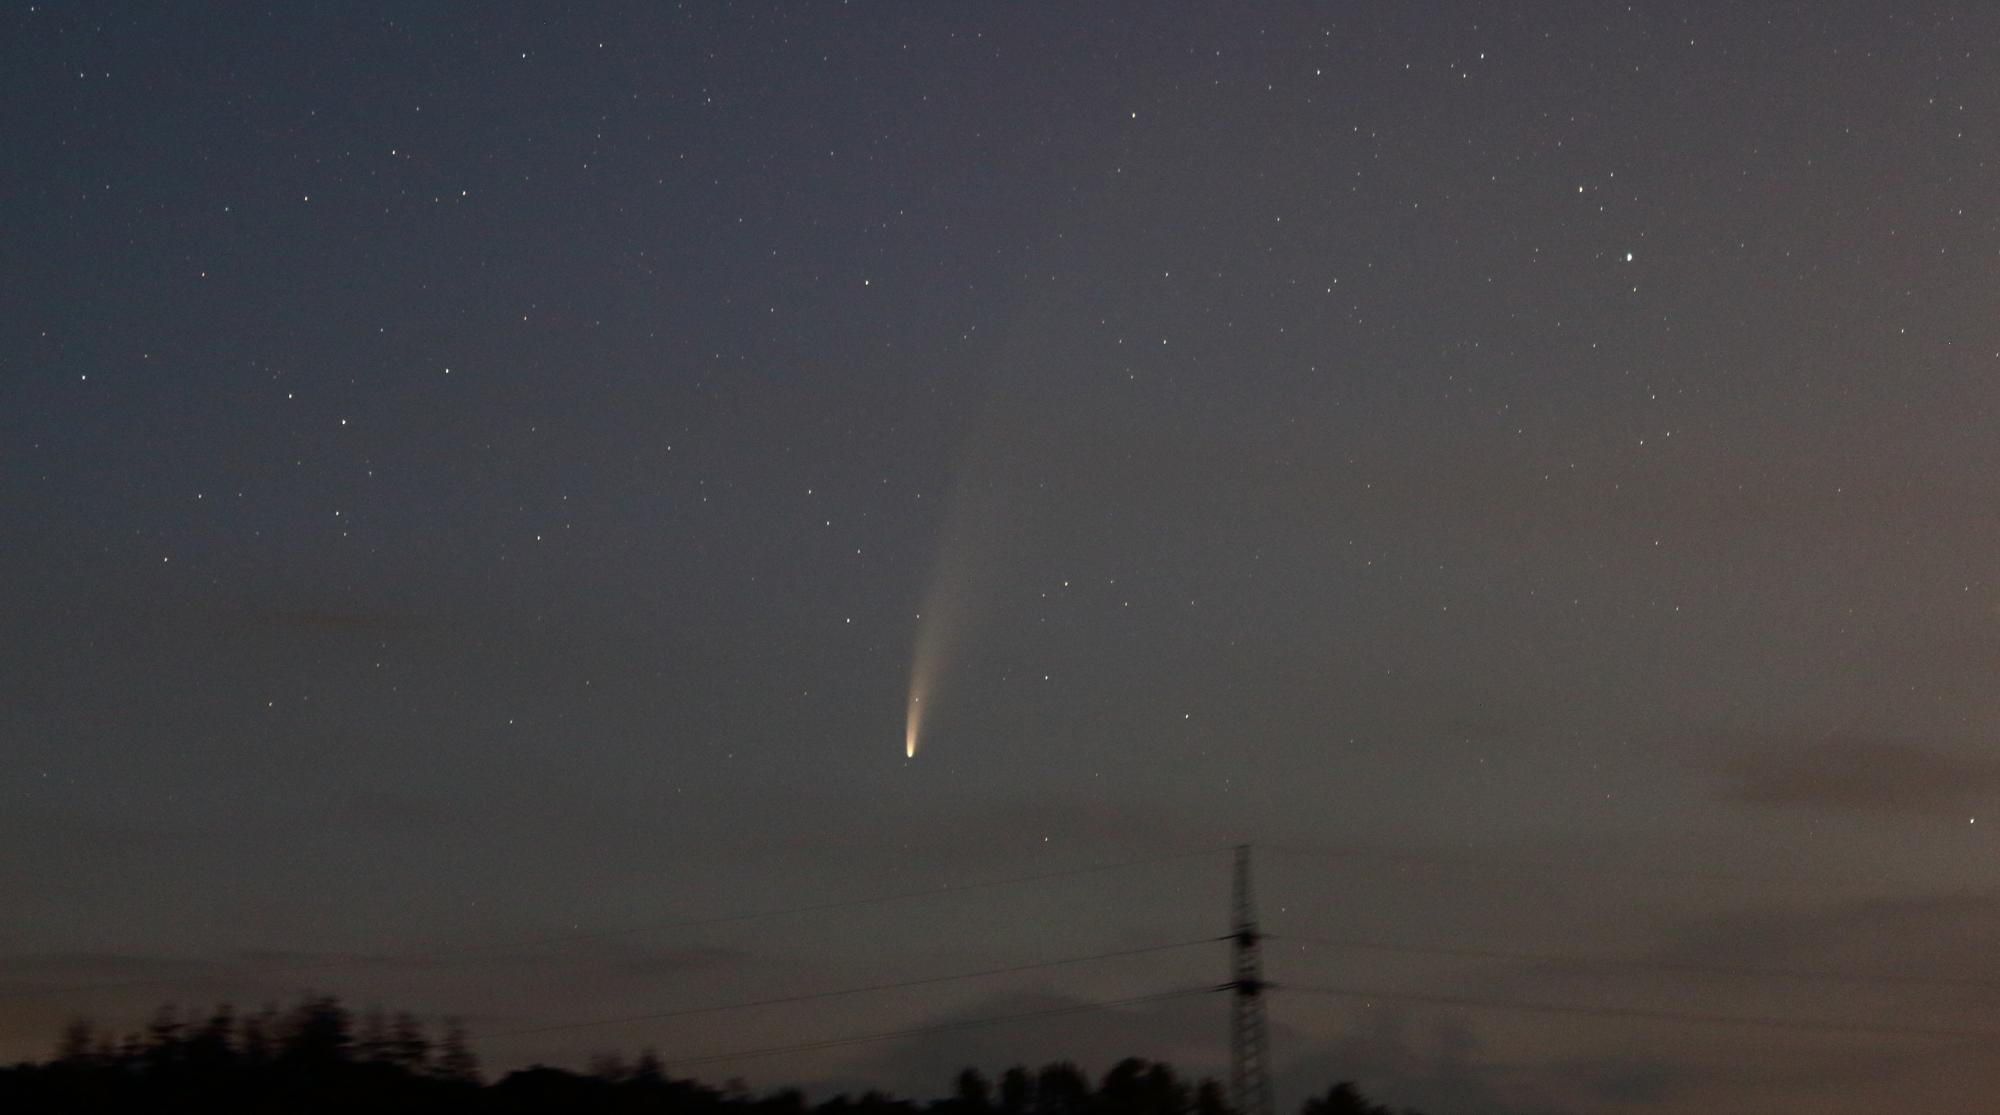 Komet NEOWISE eine Augenweide